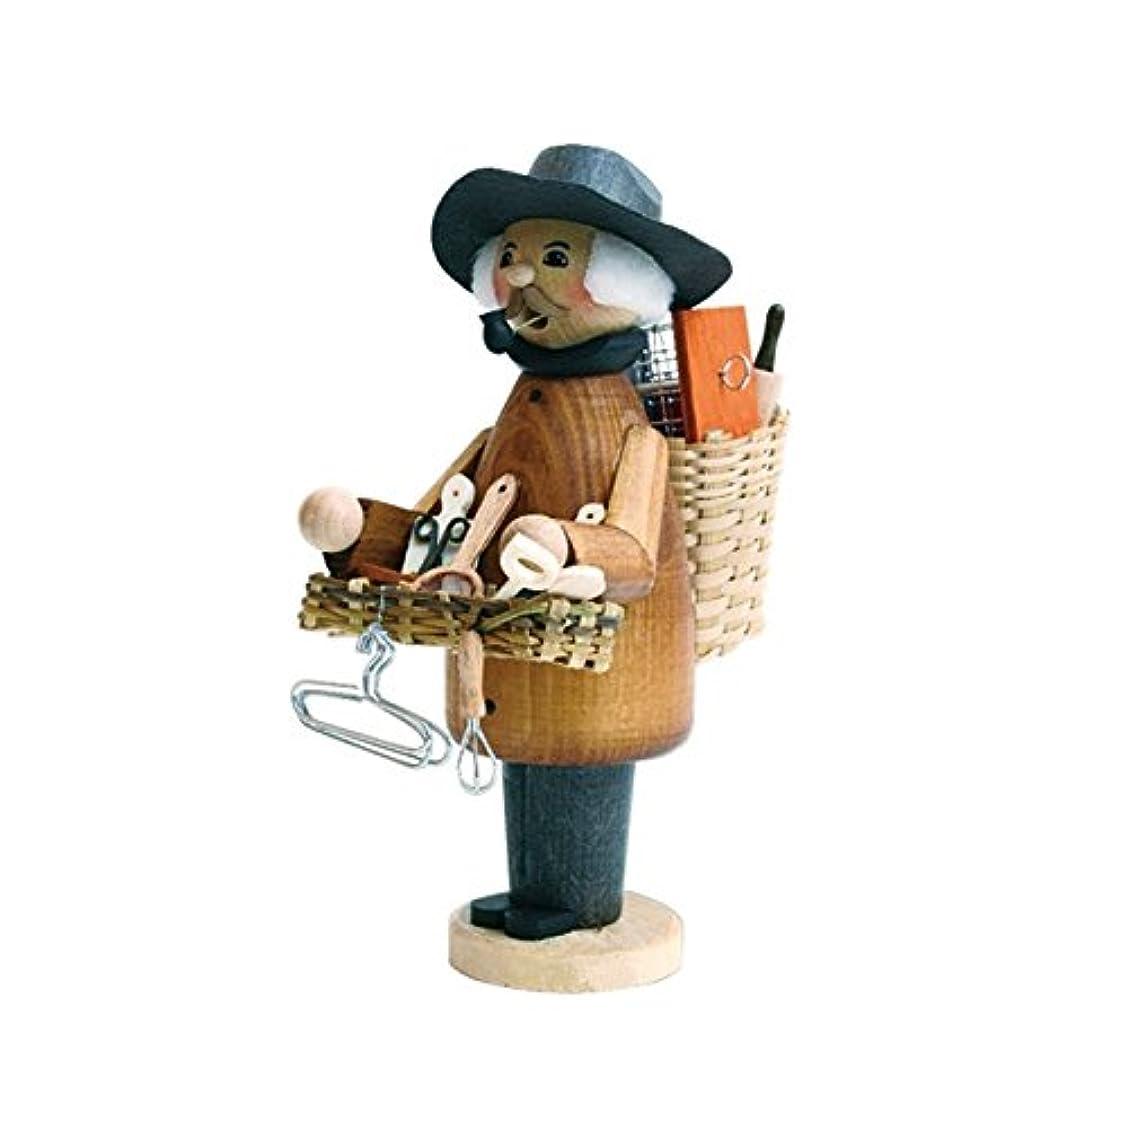 天の行為要旨クーネルト ミニパイプ人形香炉 道具売り